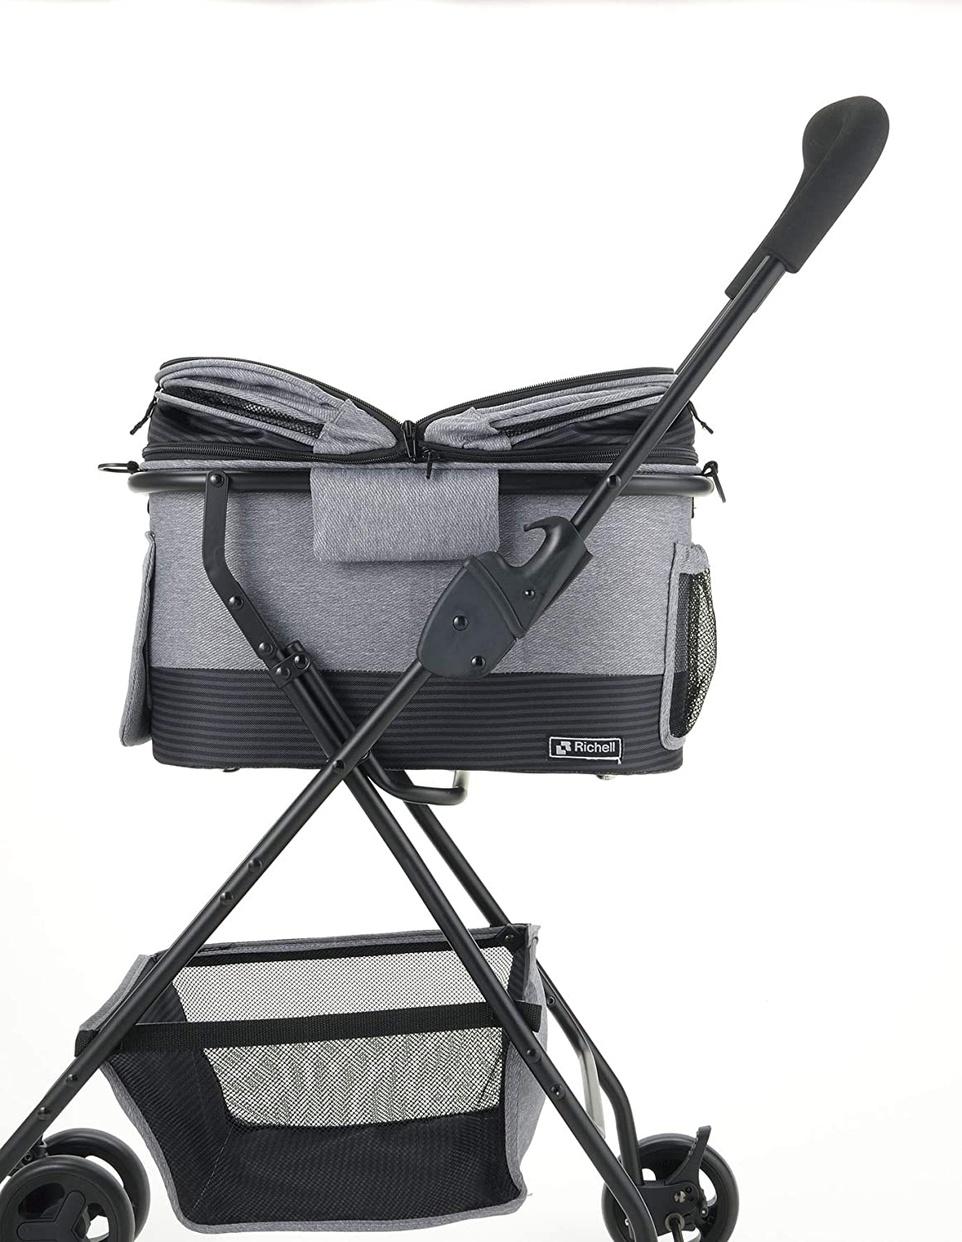 Richell(リッチェル) ペットカート ミニモの商品画像6